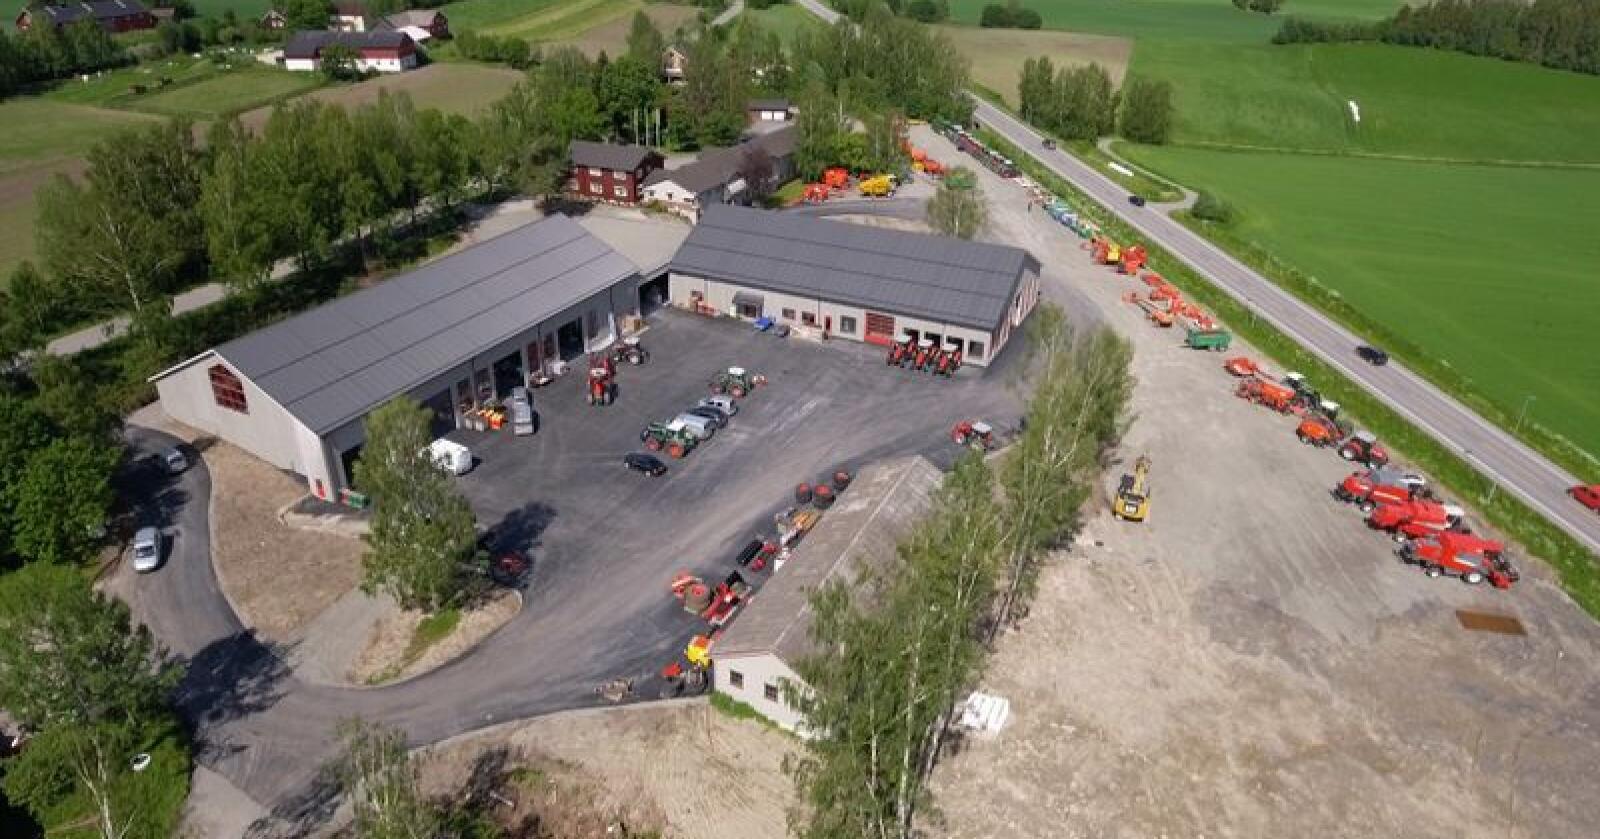 For vel fire år siden overtok BR industrier lokalene ved Norsvins anlegg på Hamar. Resultatet har blitt et felles, regionalt senter for landbrukets firmaer og organisasjoner. (Foto: Eiksenteret Furnes)